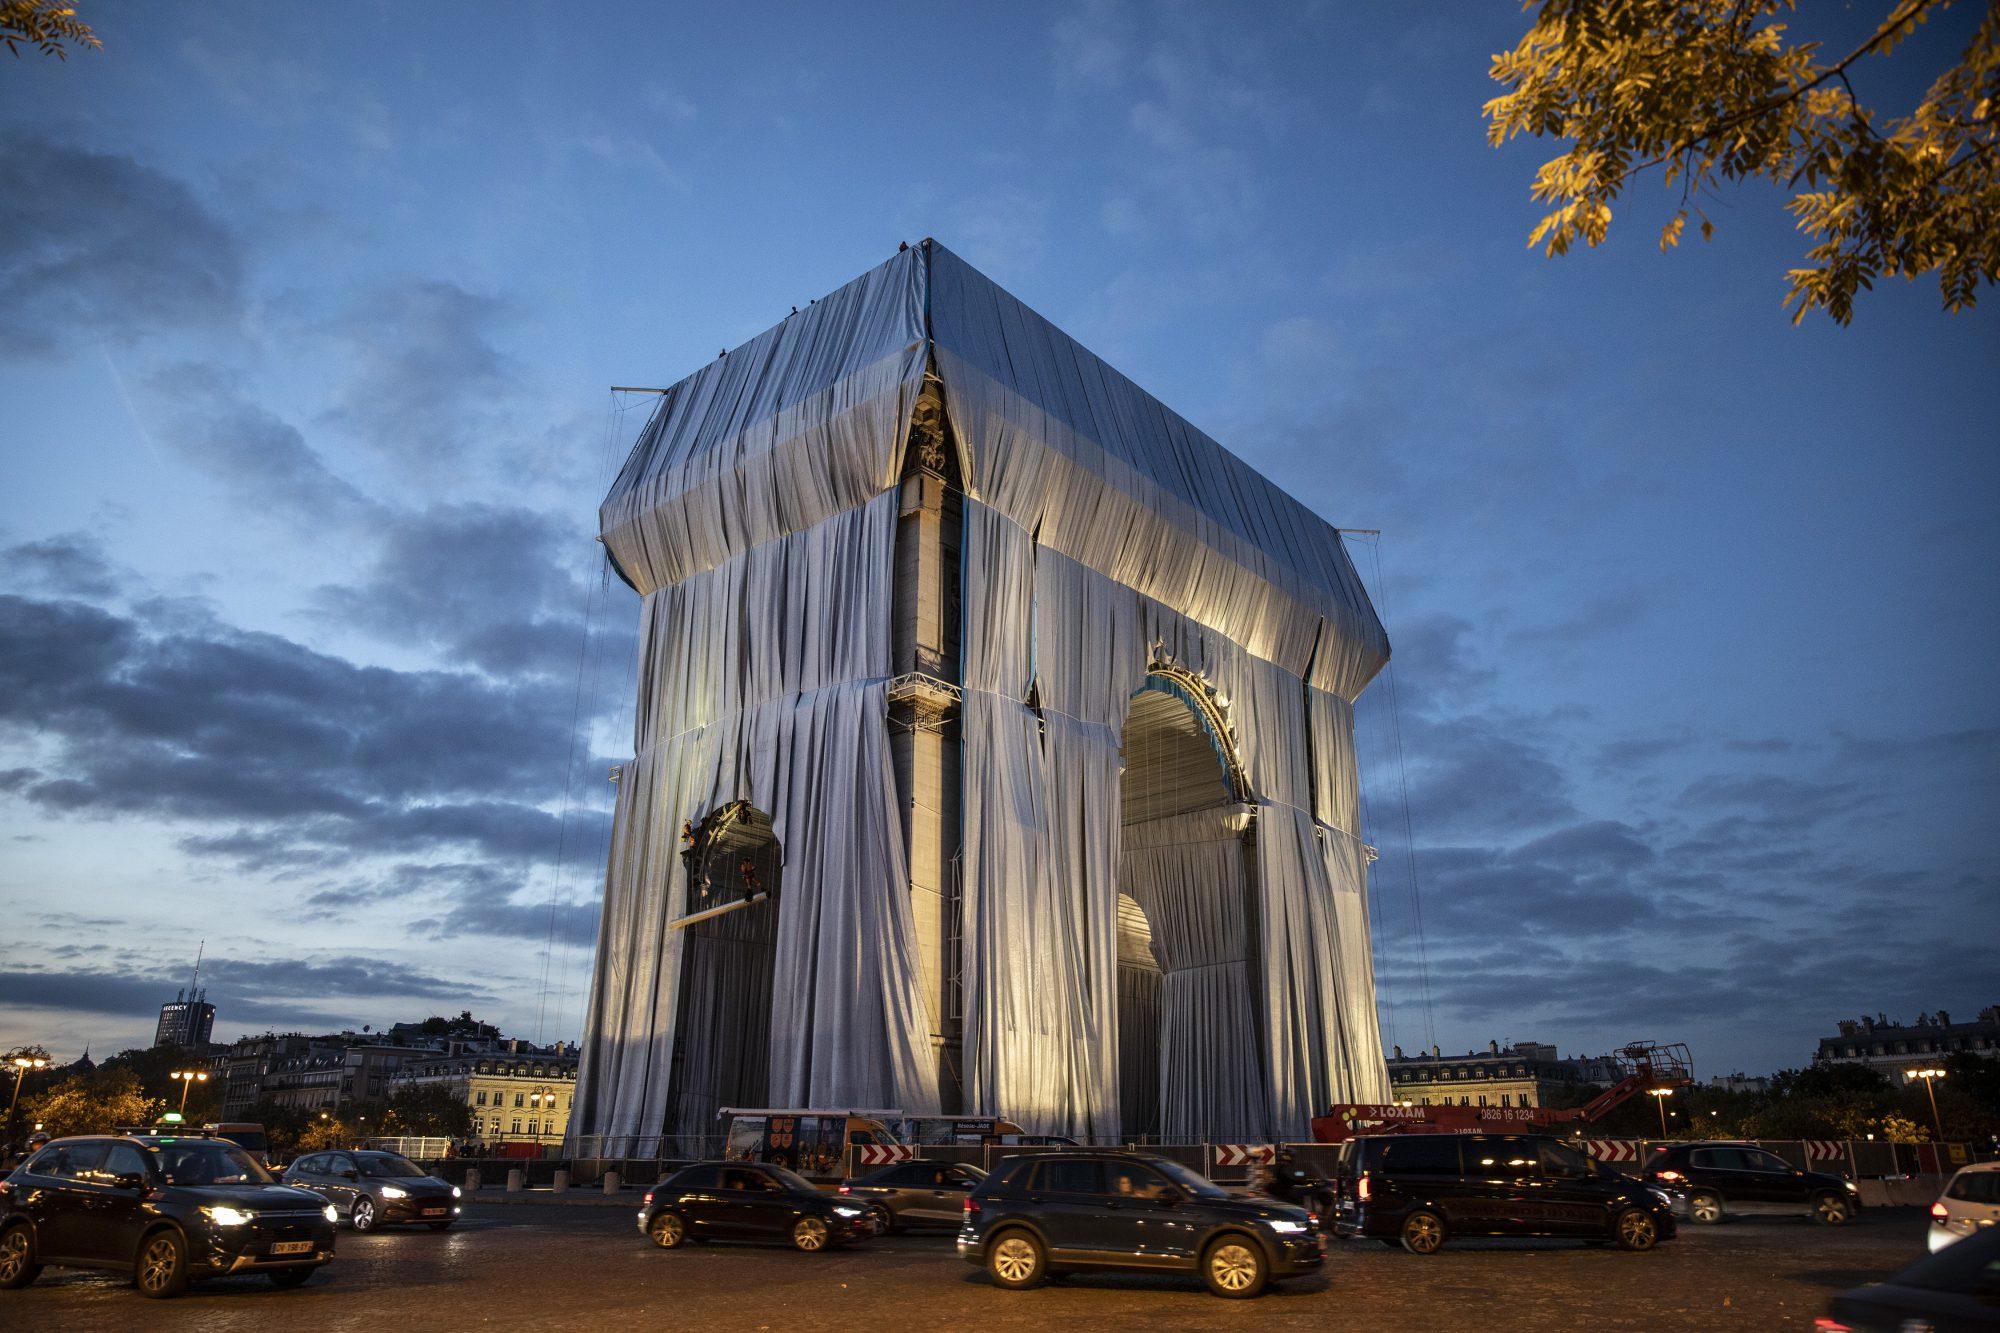 طاق نصرت پاریس پارچه پیچی شده نهایی2